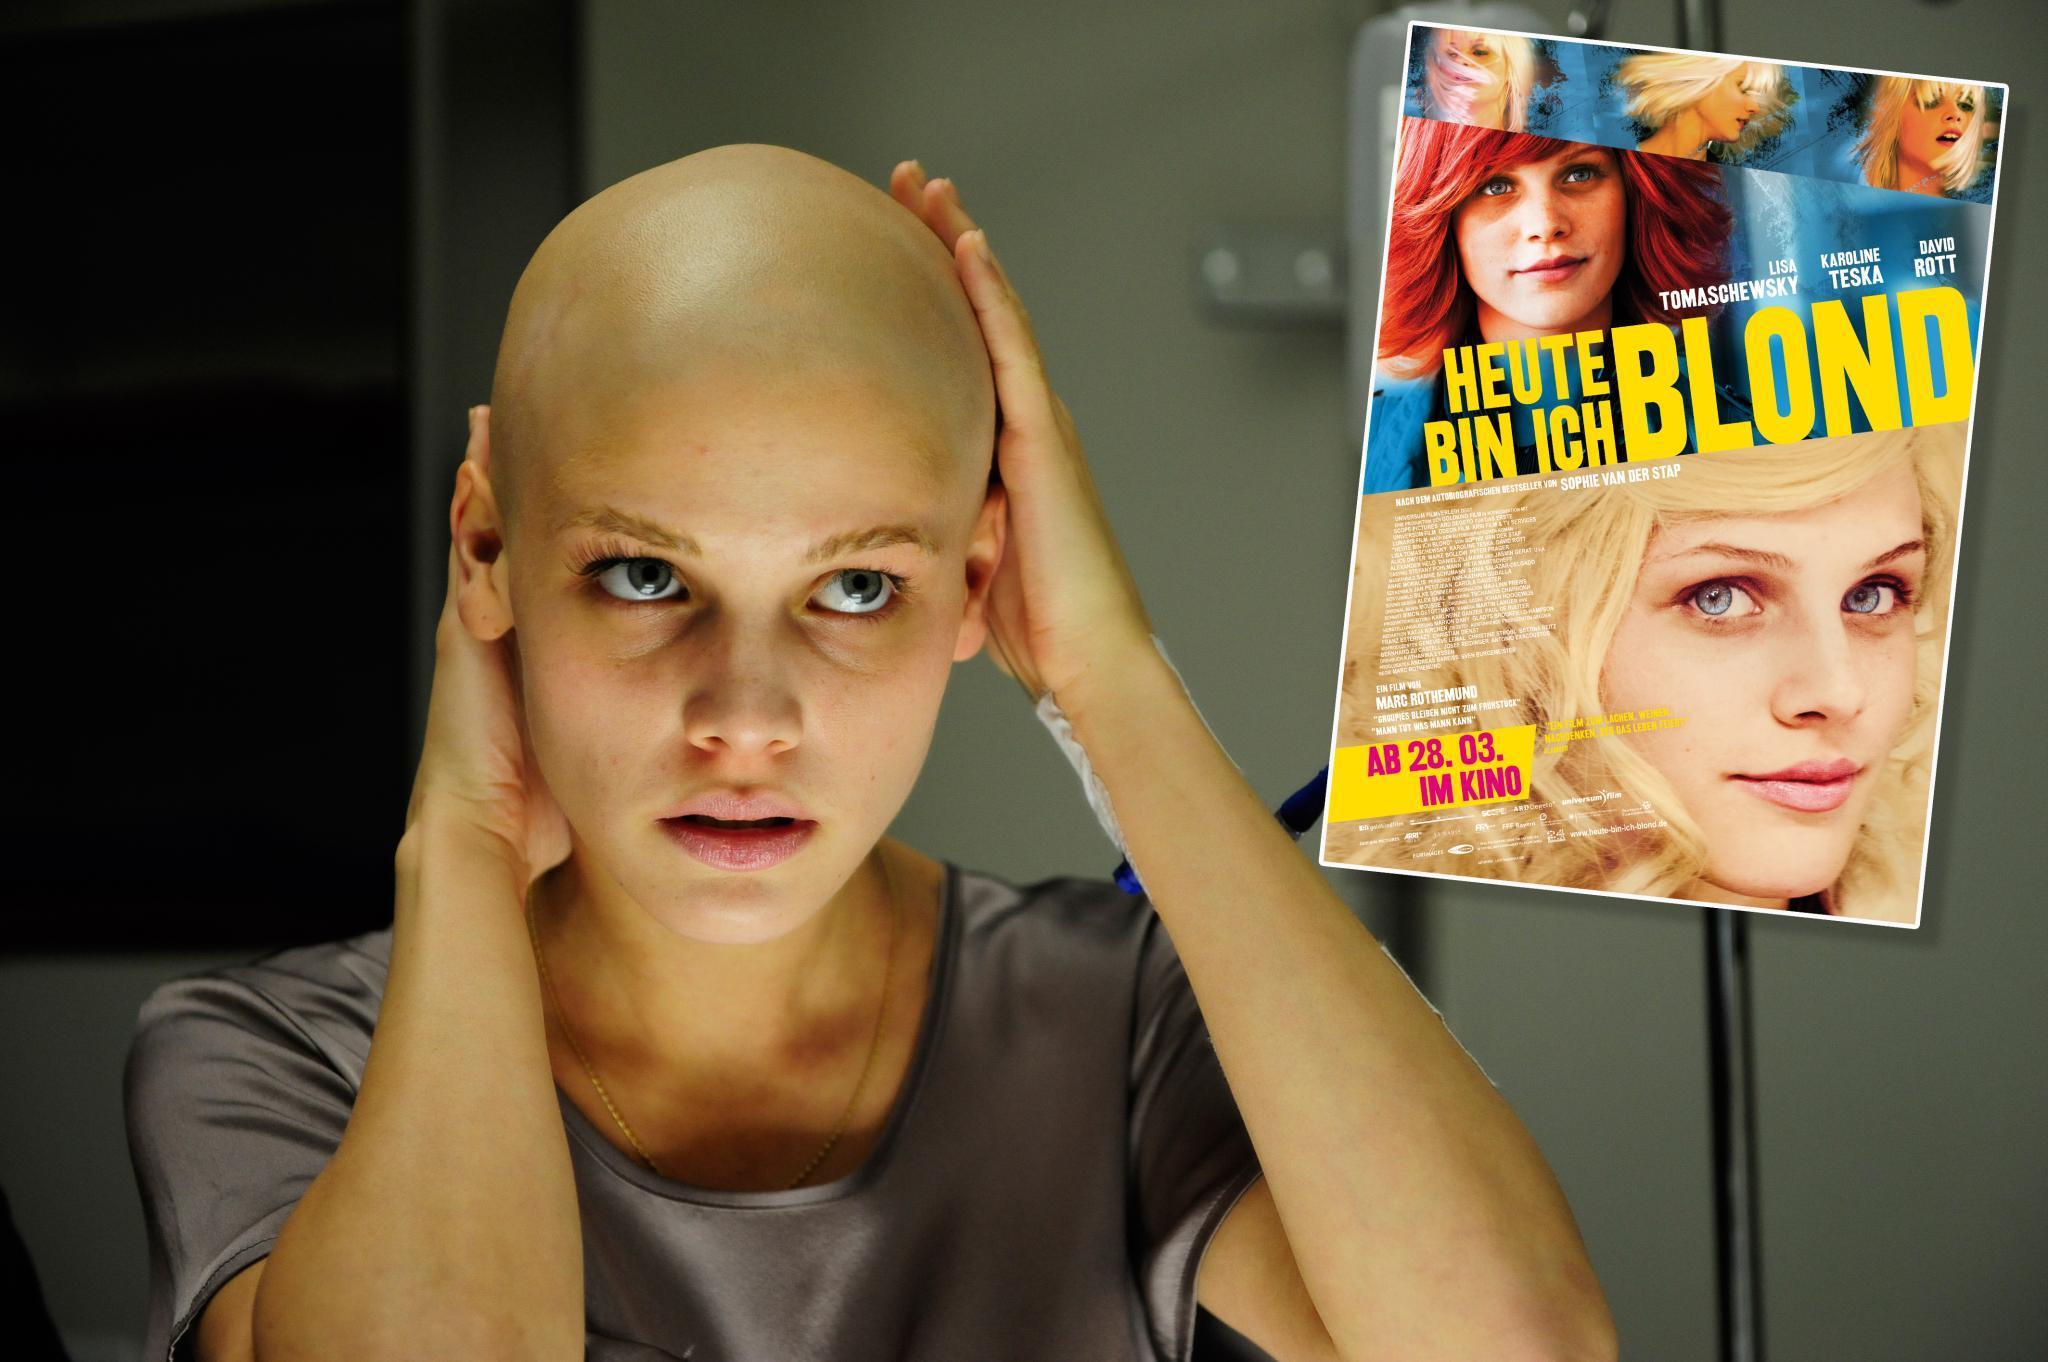 """Jetzt im Kino: Als krebskranke Sophie lässt sich Lisa Tomaschewsky in """"Heute bin ich blond"""" nicht unterkriegen."""